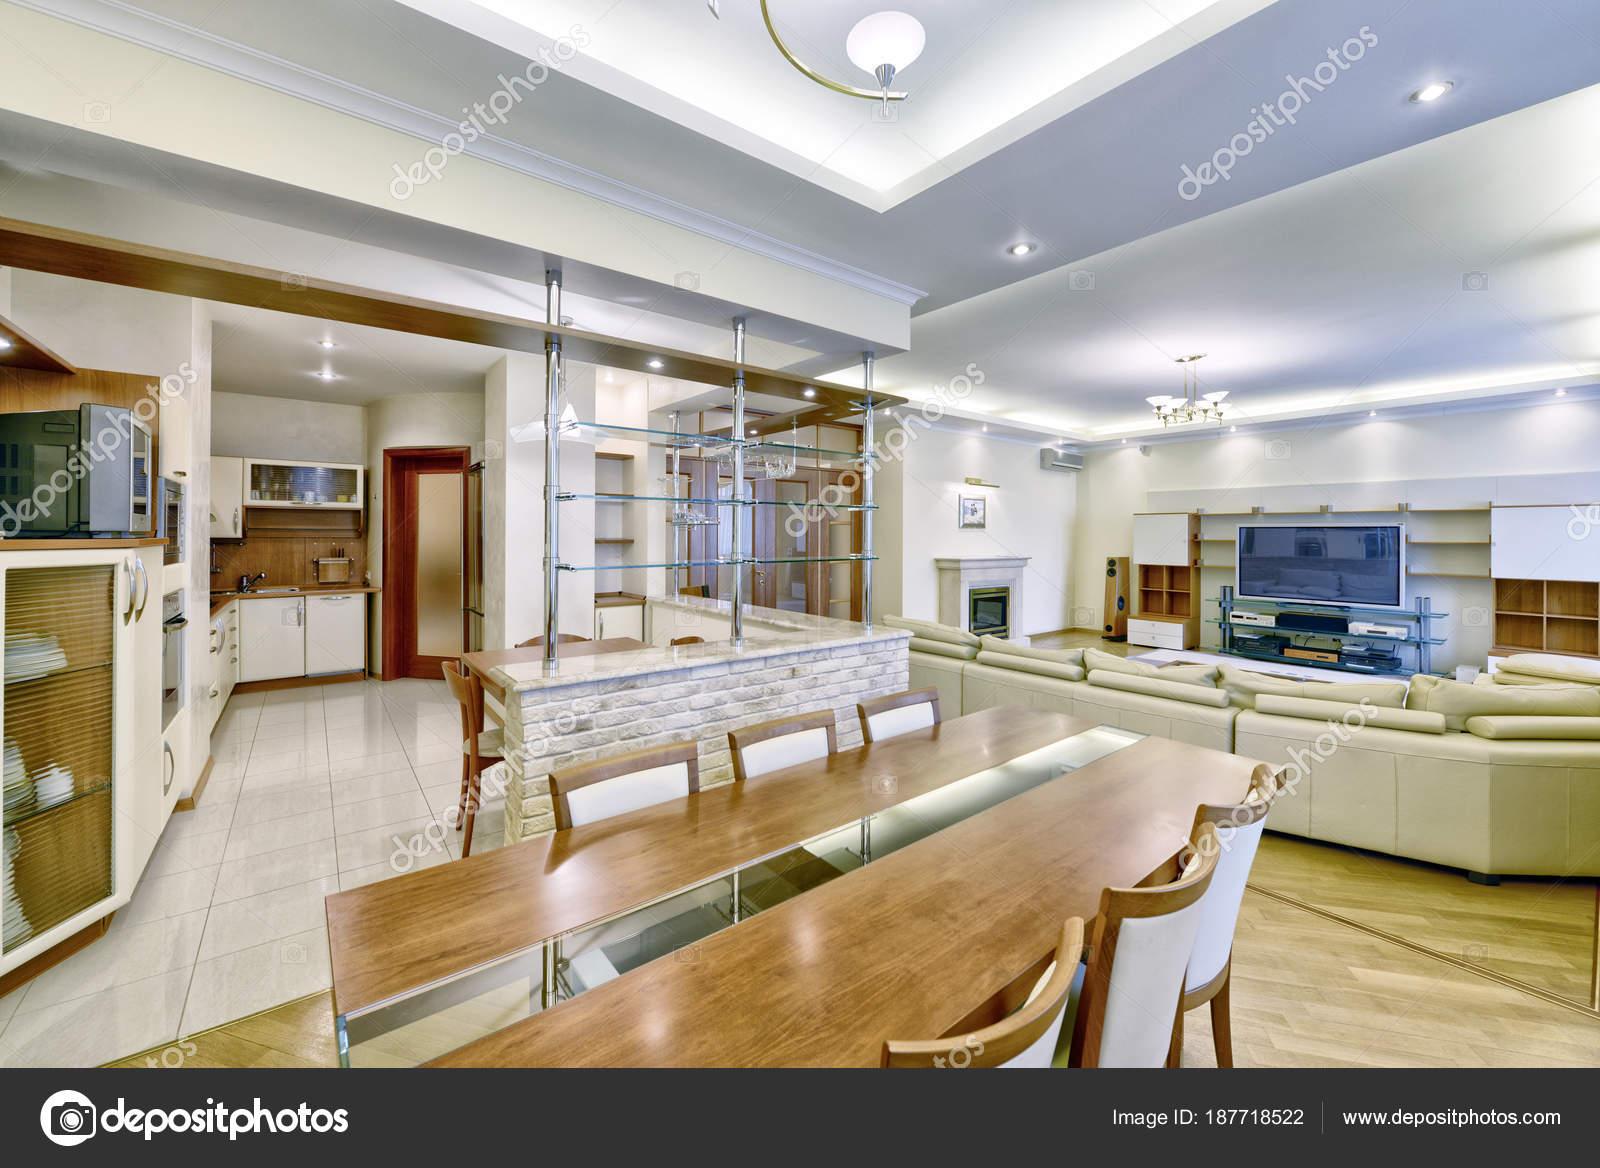 Interni del salotto stile classico una casa moderna foto - Stile casa moderna ...